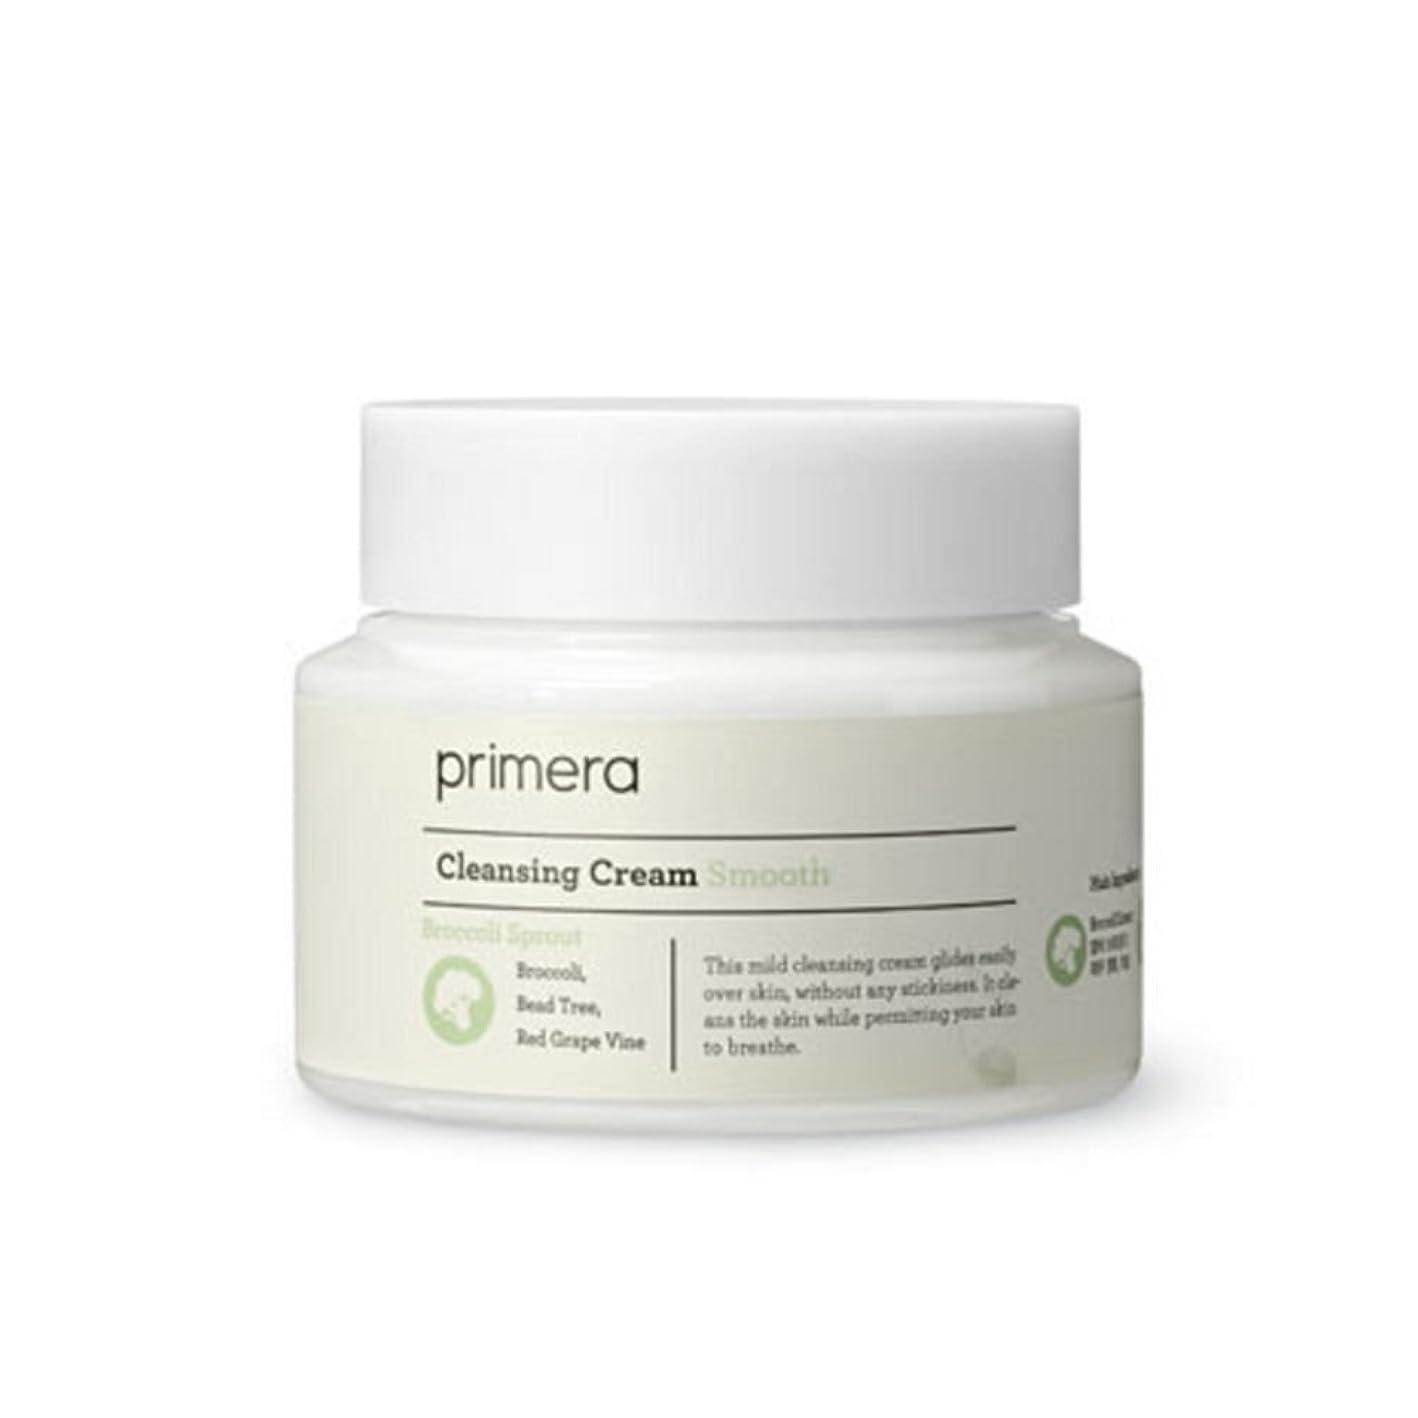 弓聴覚苦味【プリメーラ】 PRIMERA Smooth Cleansing Cream スムース クレンジングクリーム 【韓国直送品】 OOPSPANDA